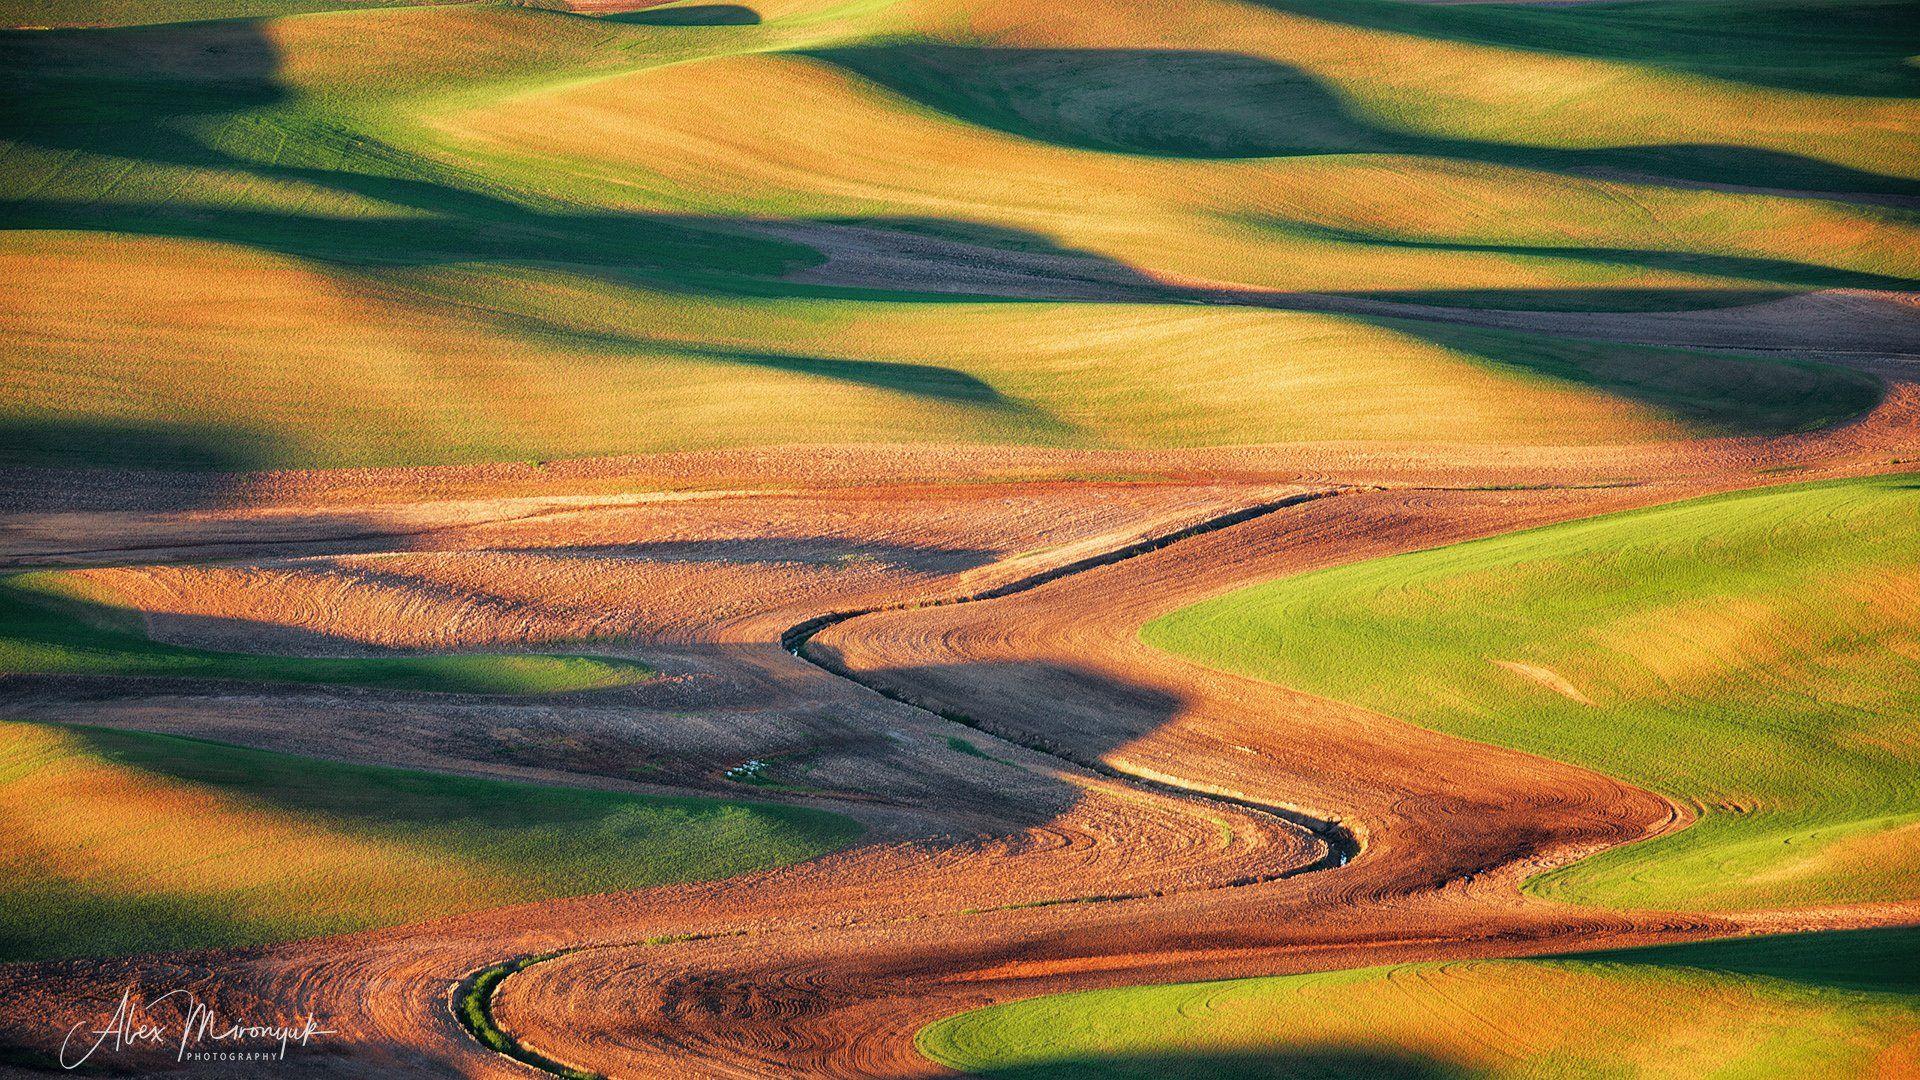 сша, вашингтон, палуз, поля, холм, пшеница, рожь, овес, рапс, абстракция, рассвет, закат, волны, пастораль, Alex Mironyuk